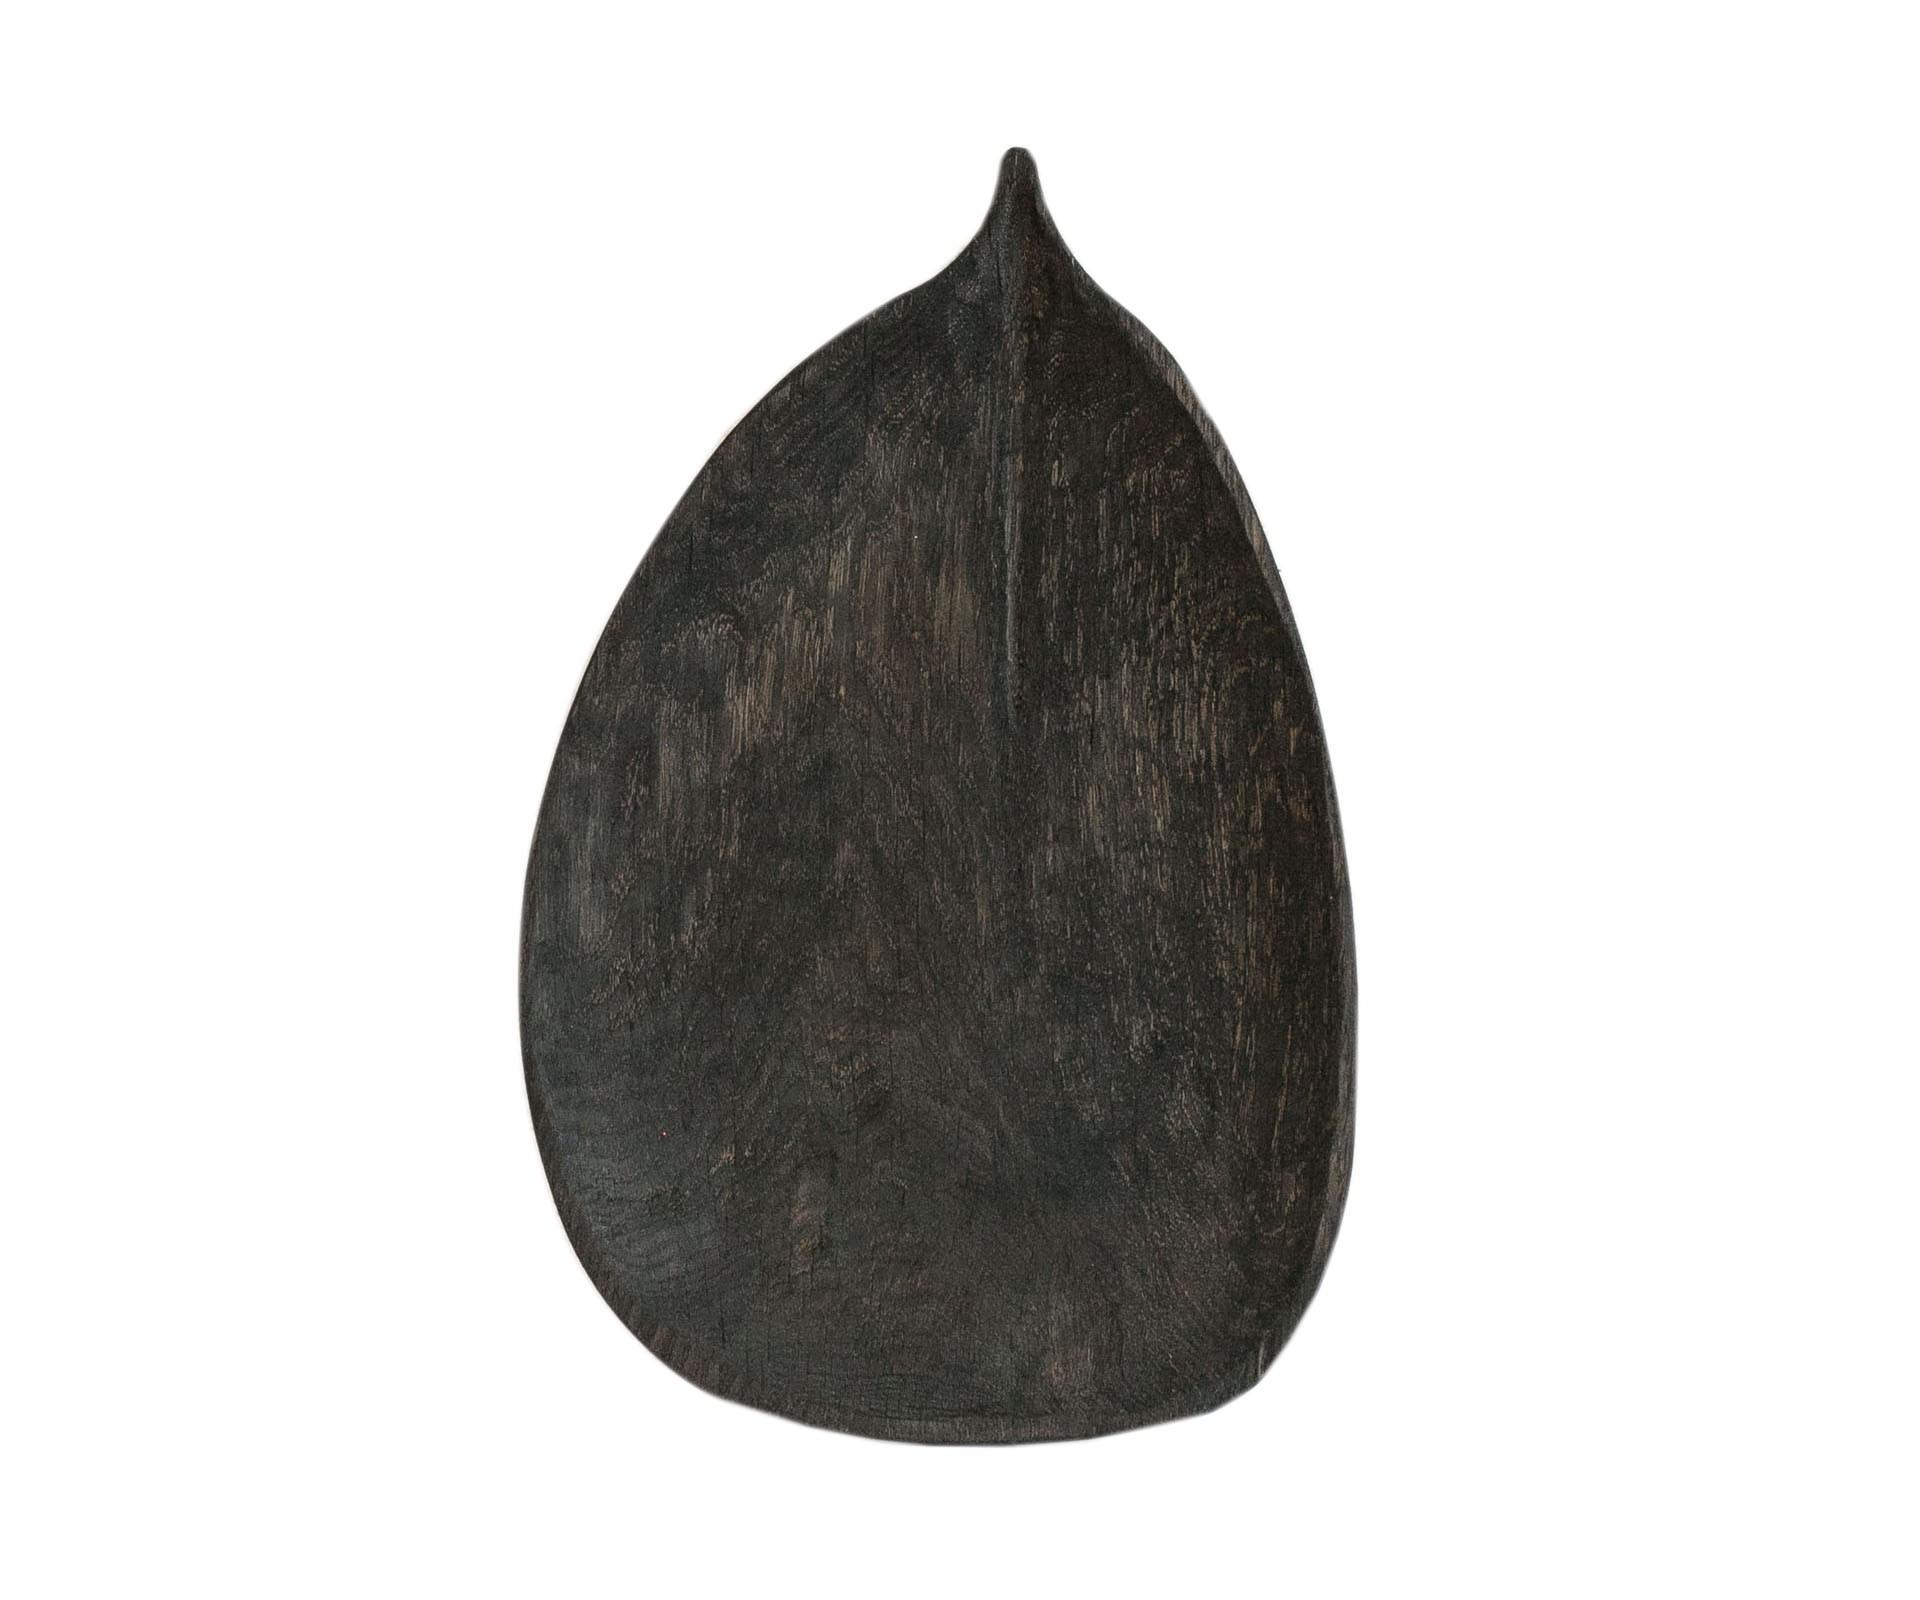 Тарелка ВязДекоративные блюда<br>&amp;quot;Листья&amp;quot; - коллекция дубовых тарелок и блюдец. Сделана вручную. Покрытие: льняное масло. Ее внутренняя поверхность идеально зашлифована. При необходимости можно обновлять покрытие, протерев поверхность тряпочкой, смоченной льняным маслом. После влажной обработки ее нужно протирать полотенцем. Тарелка не предназначена для длительного хранения жидкостей. Из-за специфики ручного труда все предметы отличаются друг от друга.<br><br>Material: Дуб<br>Length см: 36,5<br>Width см: 23,5<br>Depth см: None<br>Height см: 1,5